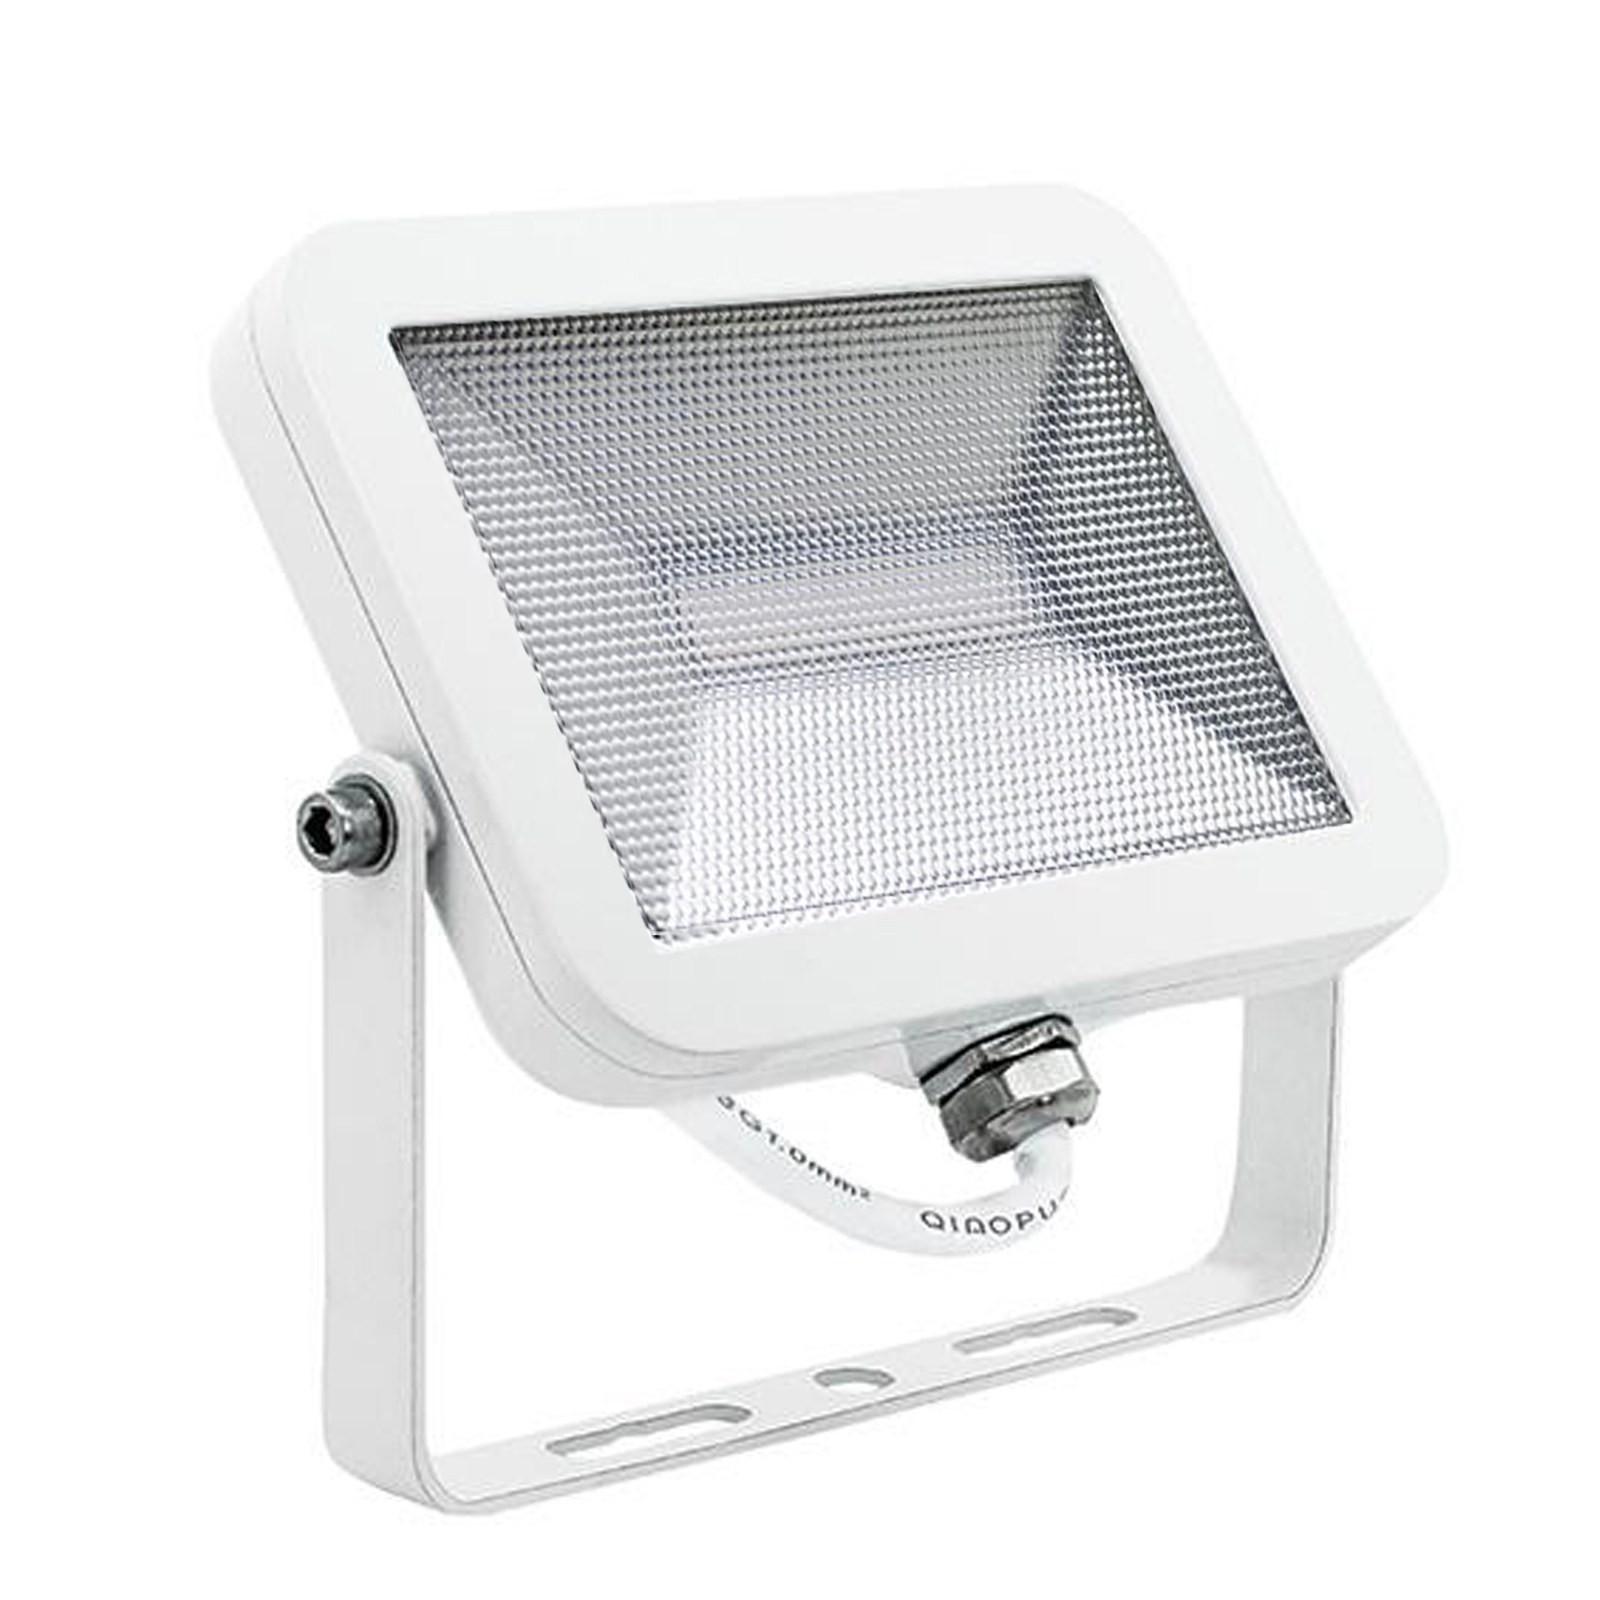 faro faretto led esterno slim bianco 20w luce naturale. Black Bedroom Furniture Sets. Home Design Ideas